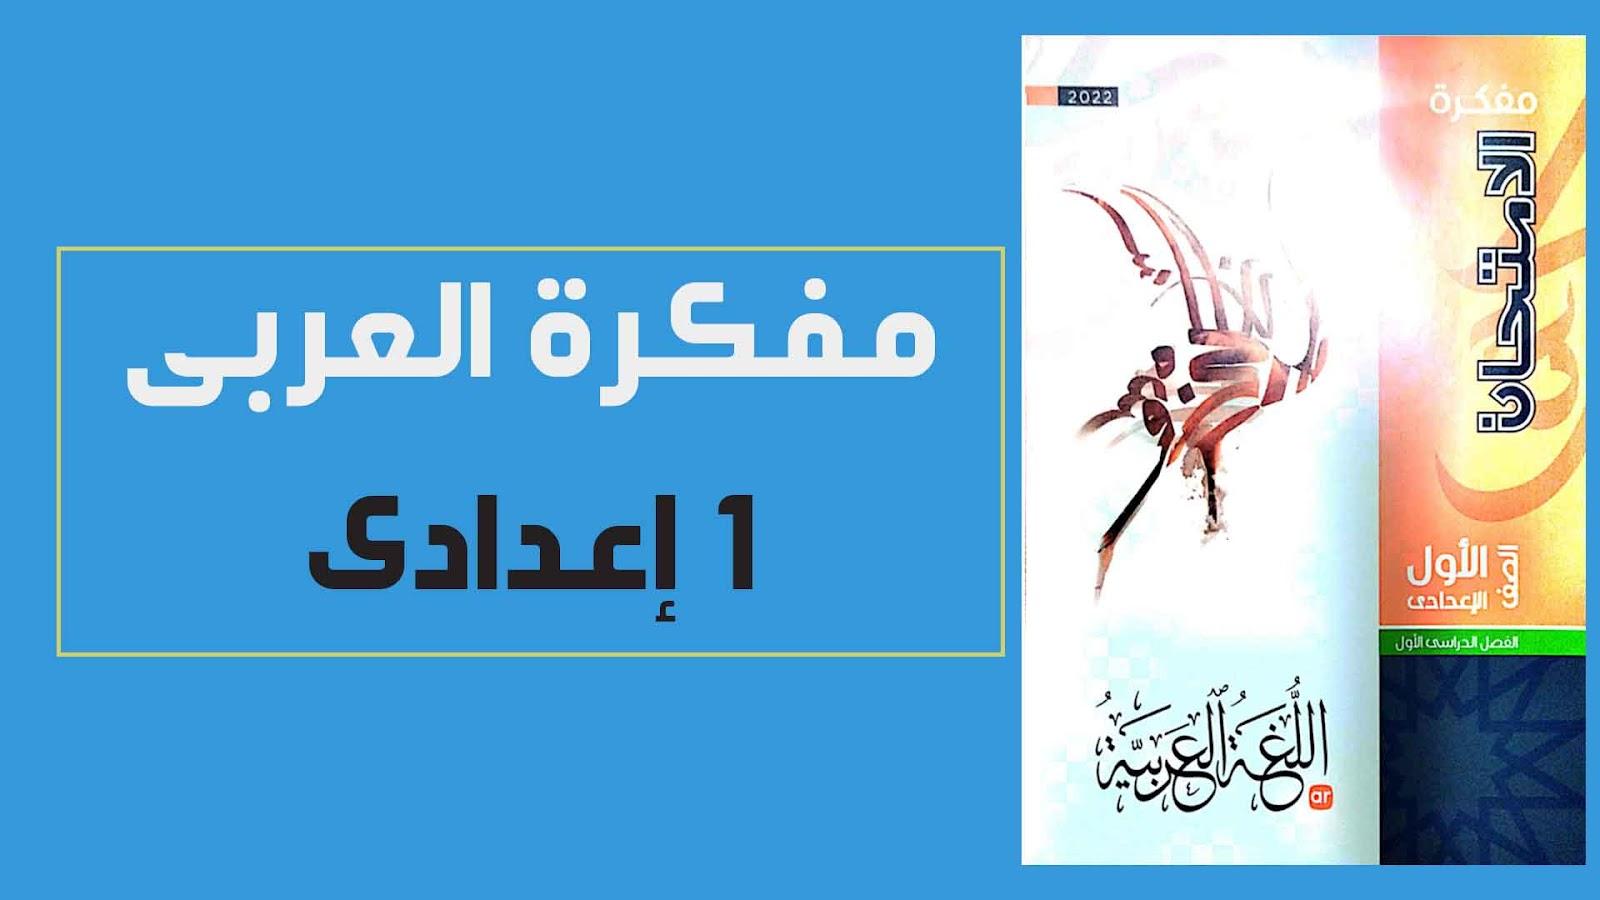 تحميل مفكرة كتاب الامتحان فى اللغة العربية للصف الاول الاعدادى الترم الاول 2022 pdf